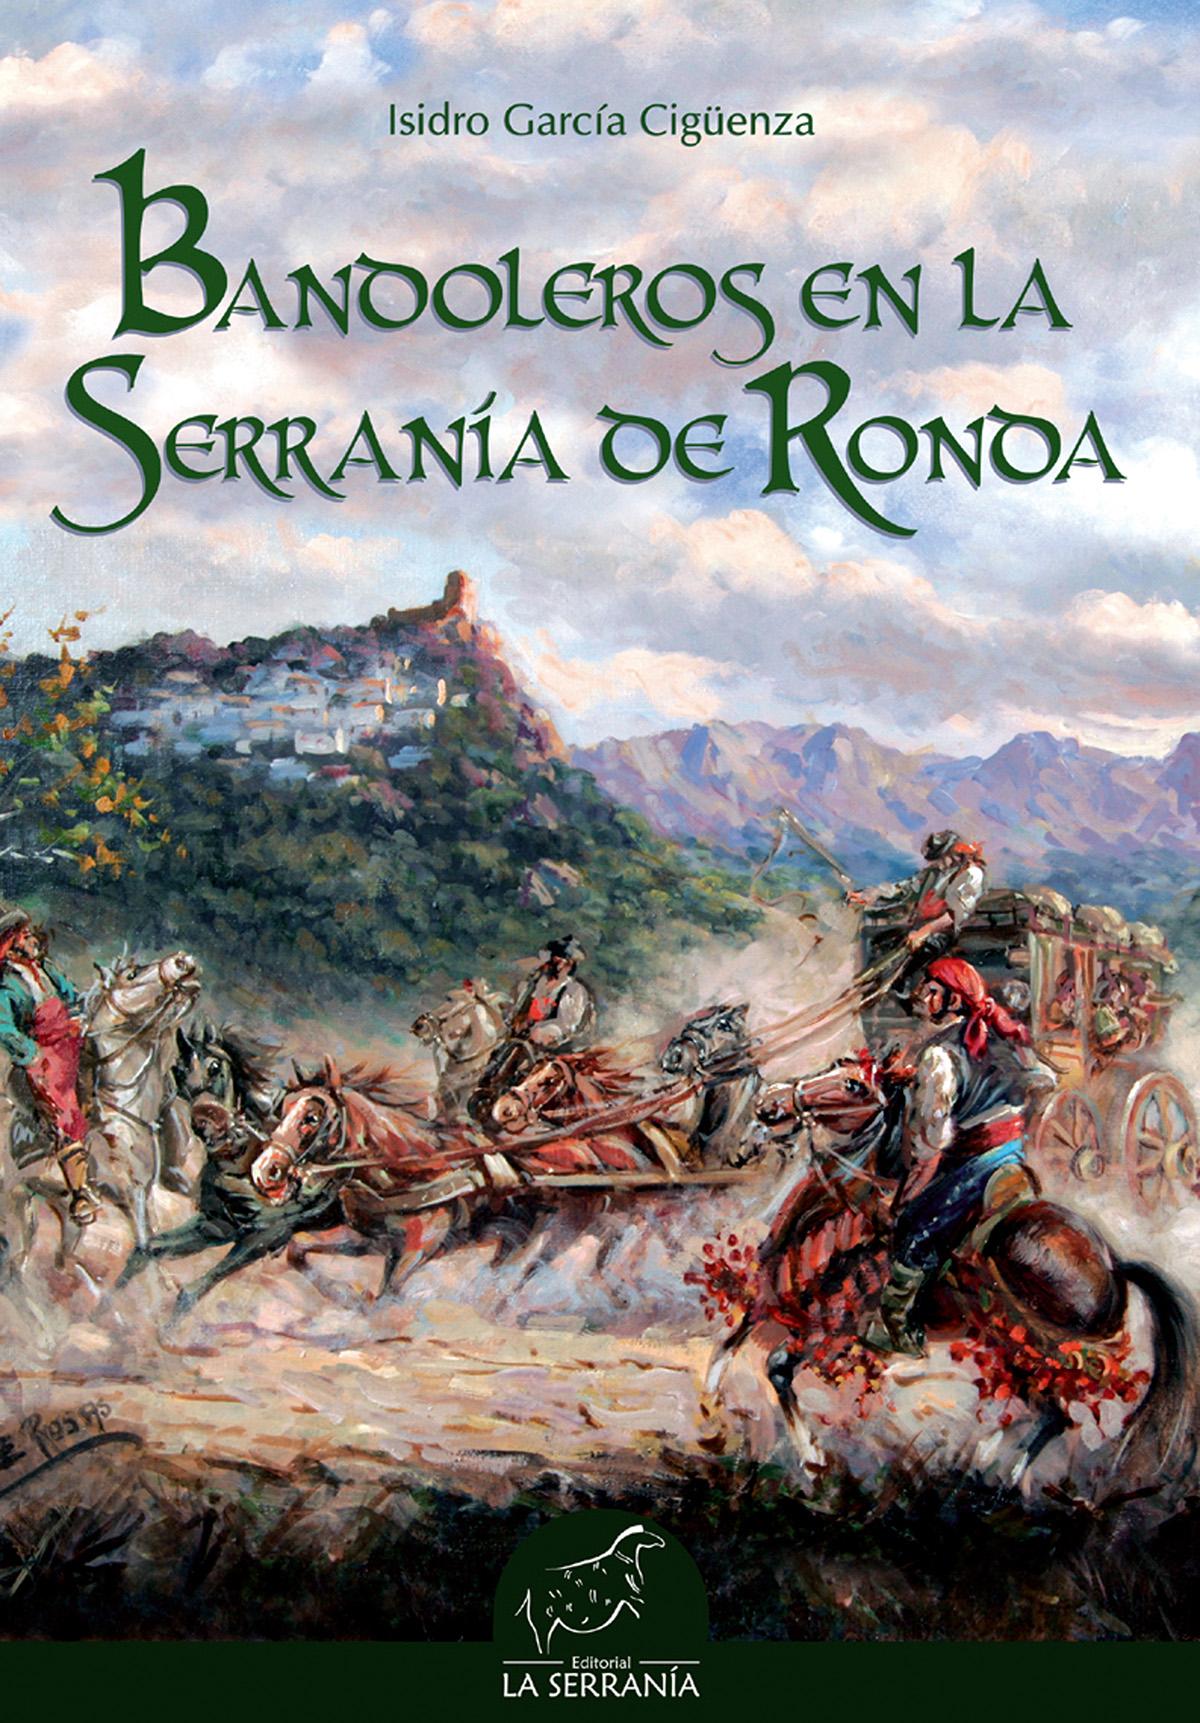 Bandoleros en la Serranía de Ronda